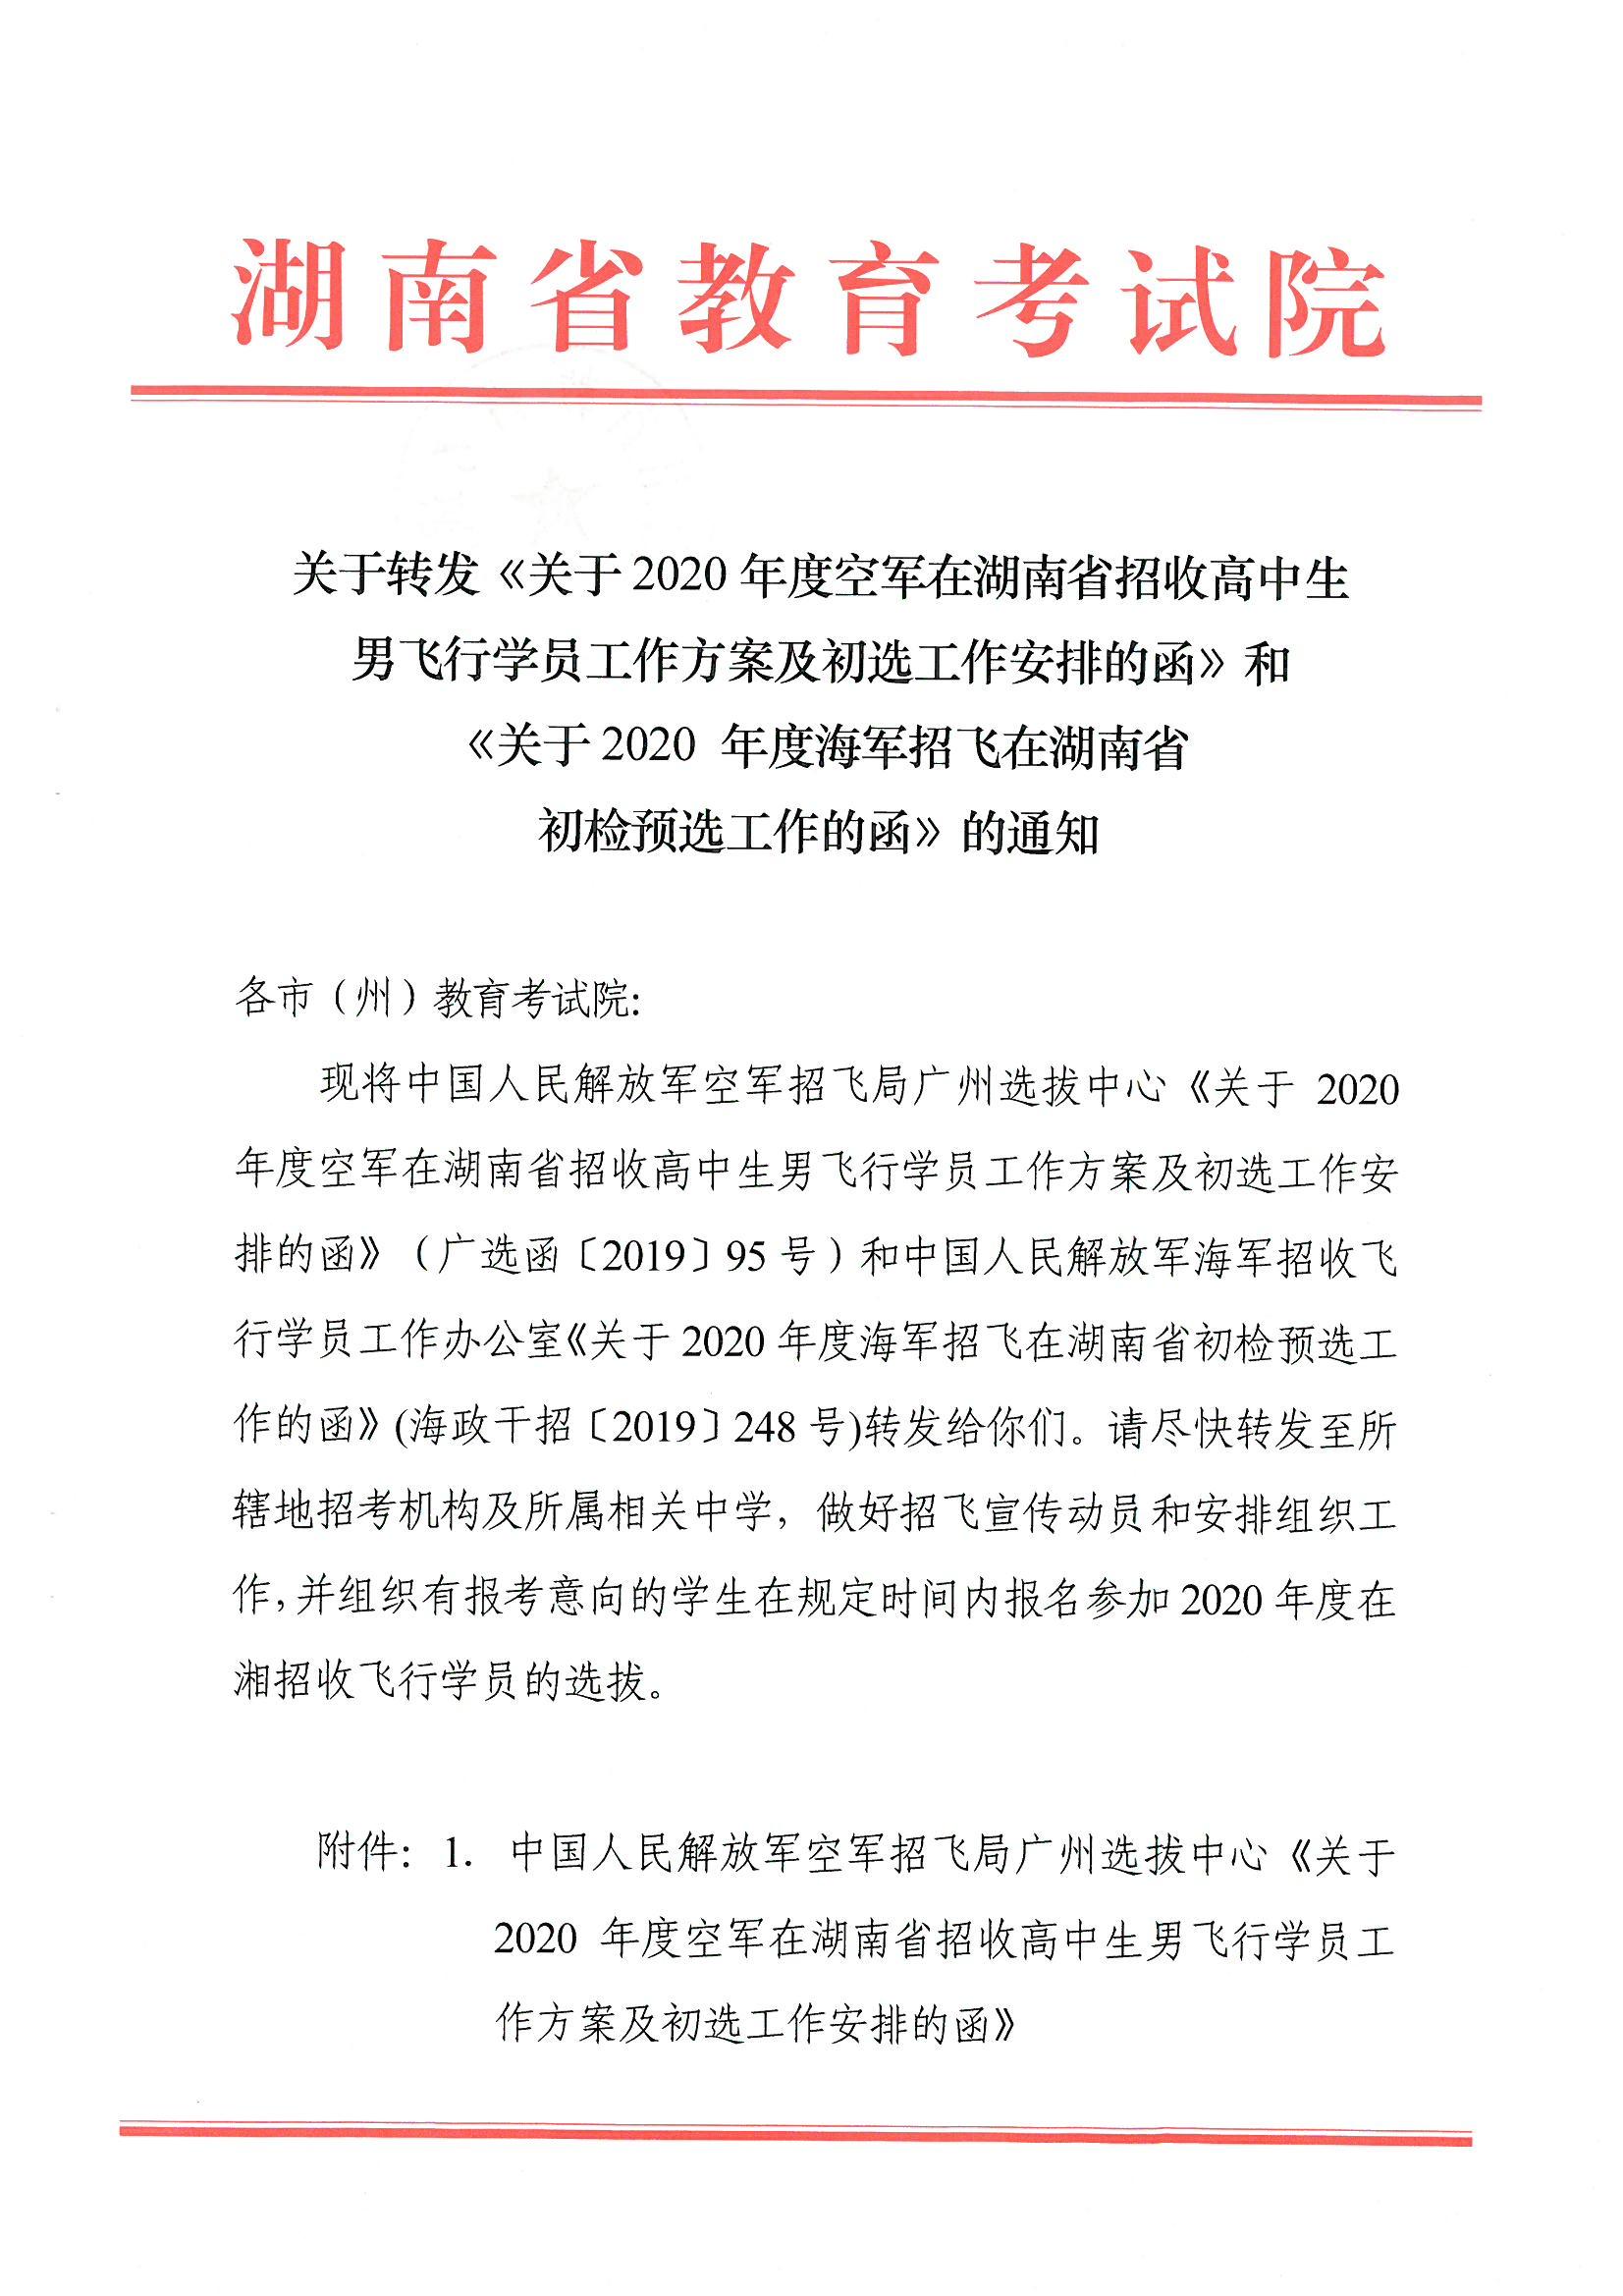 湖南省关于转发《关于2020年度空军招收高中生男飞行员工作方案及初选工作安排的函